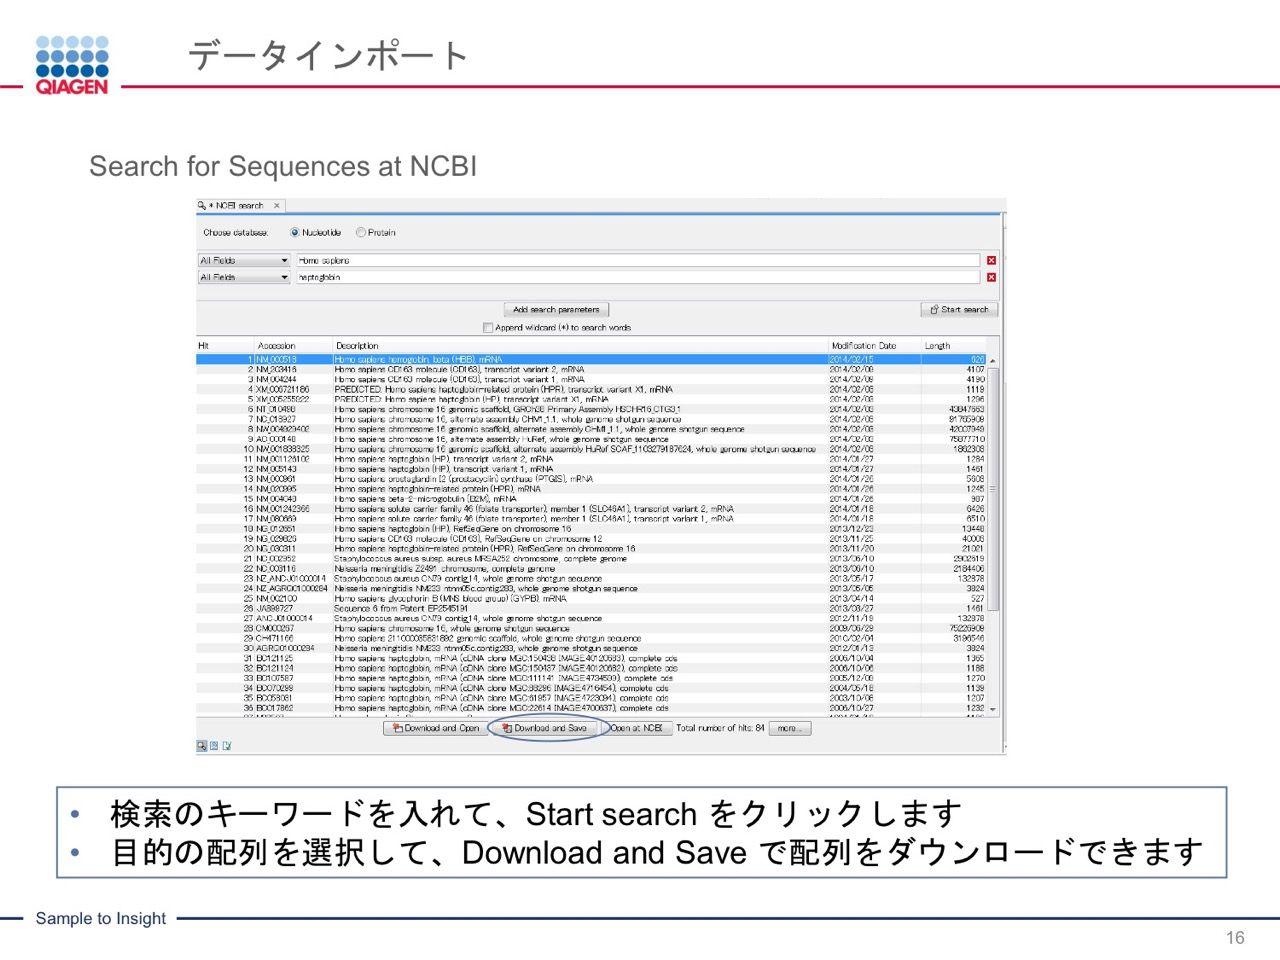 images/AJACSa2_miyamoto_016.jpg